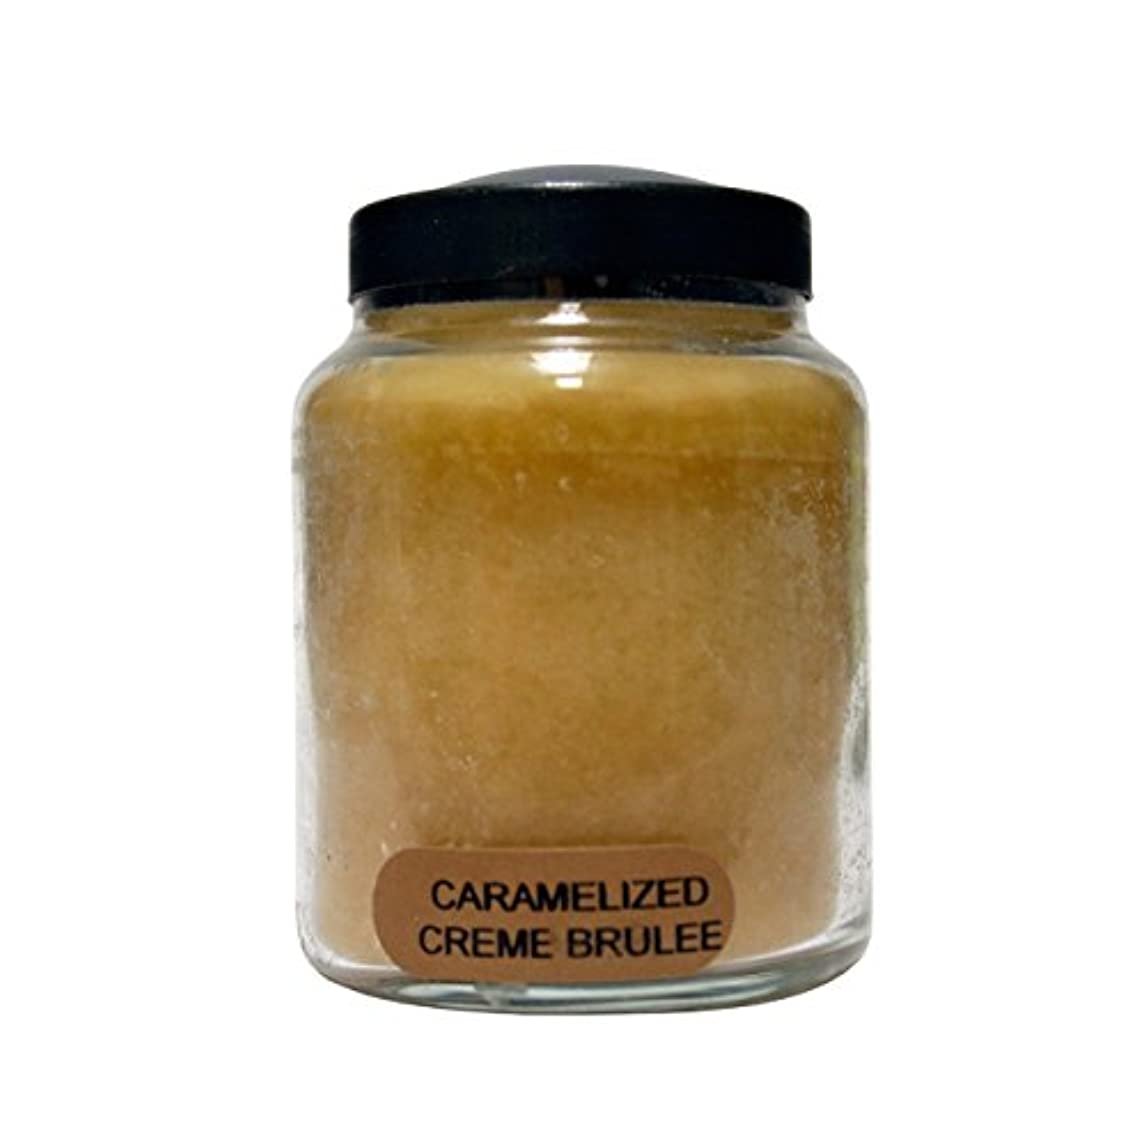 爆弾みがきます肘A Cheerful Giver Caramelized Creme Brulee Baby Jar Candle, 6-Ounce [並行輸入品]